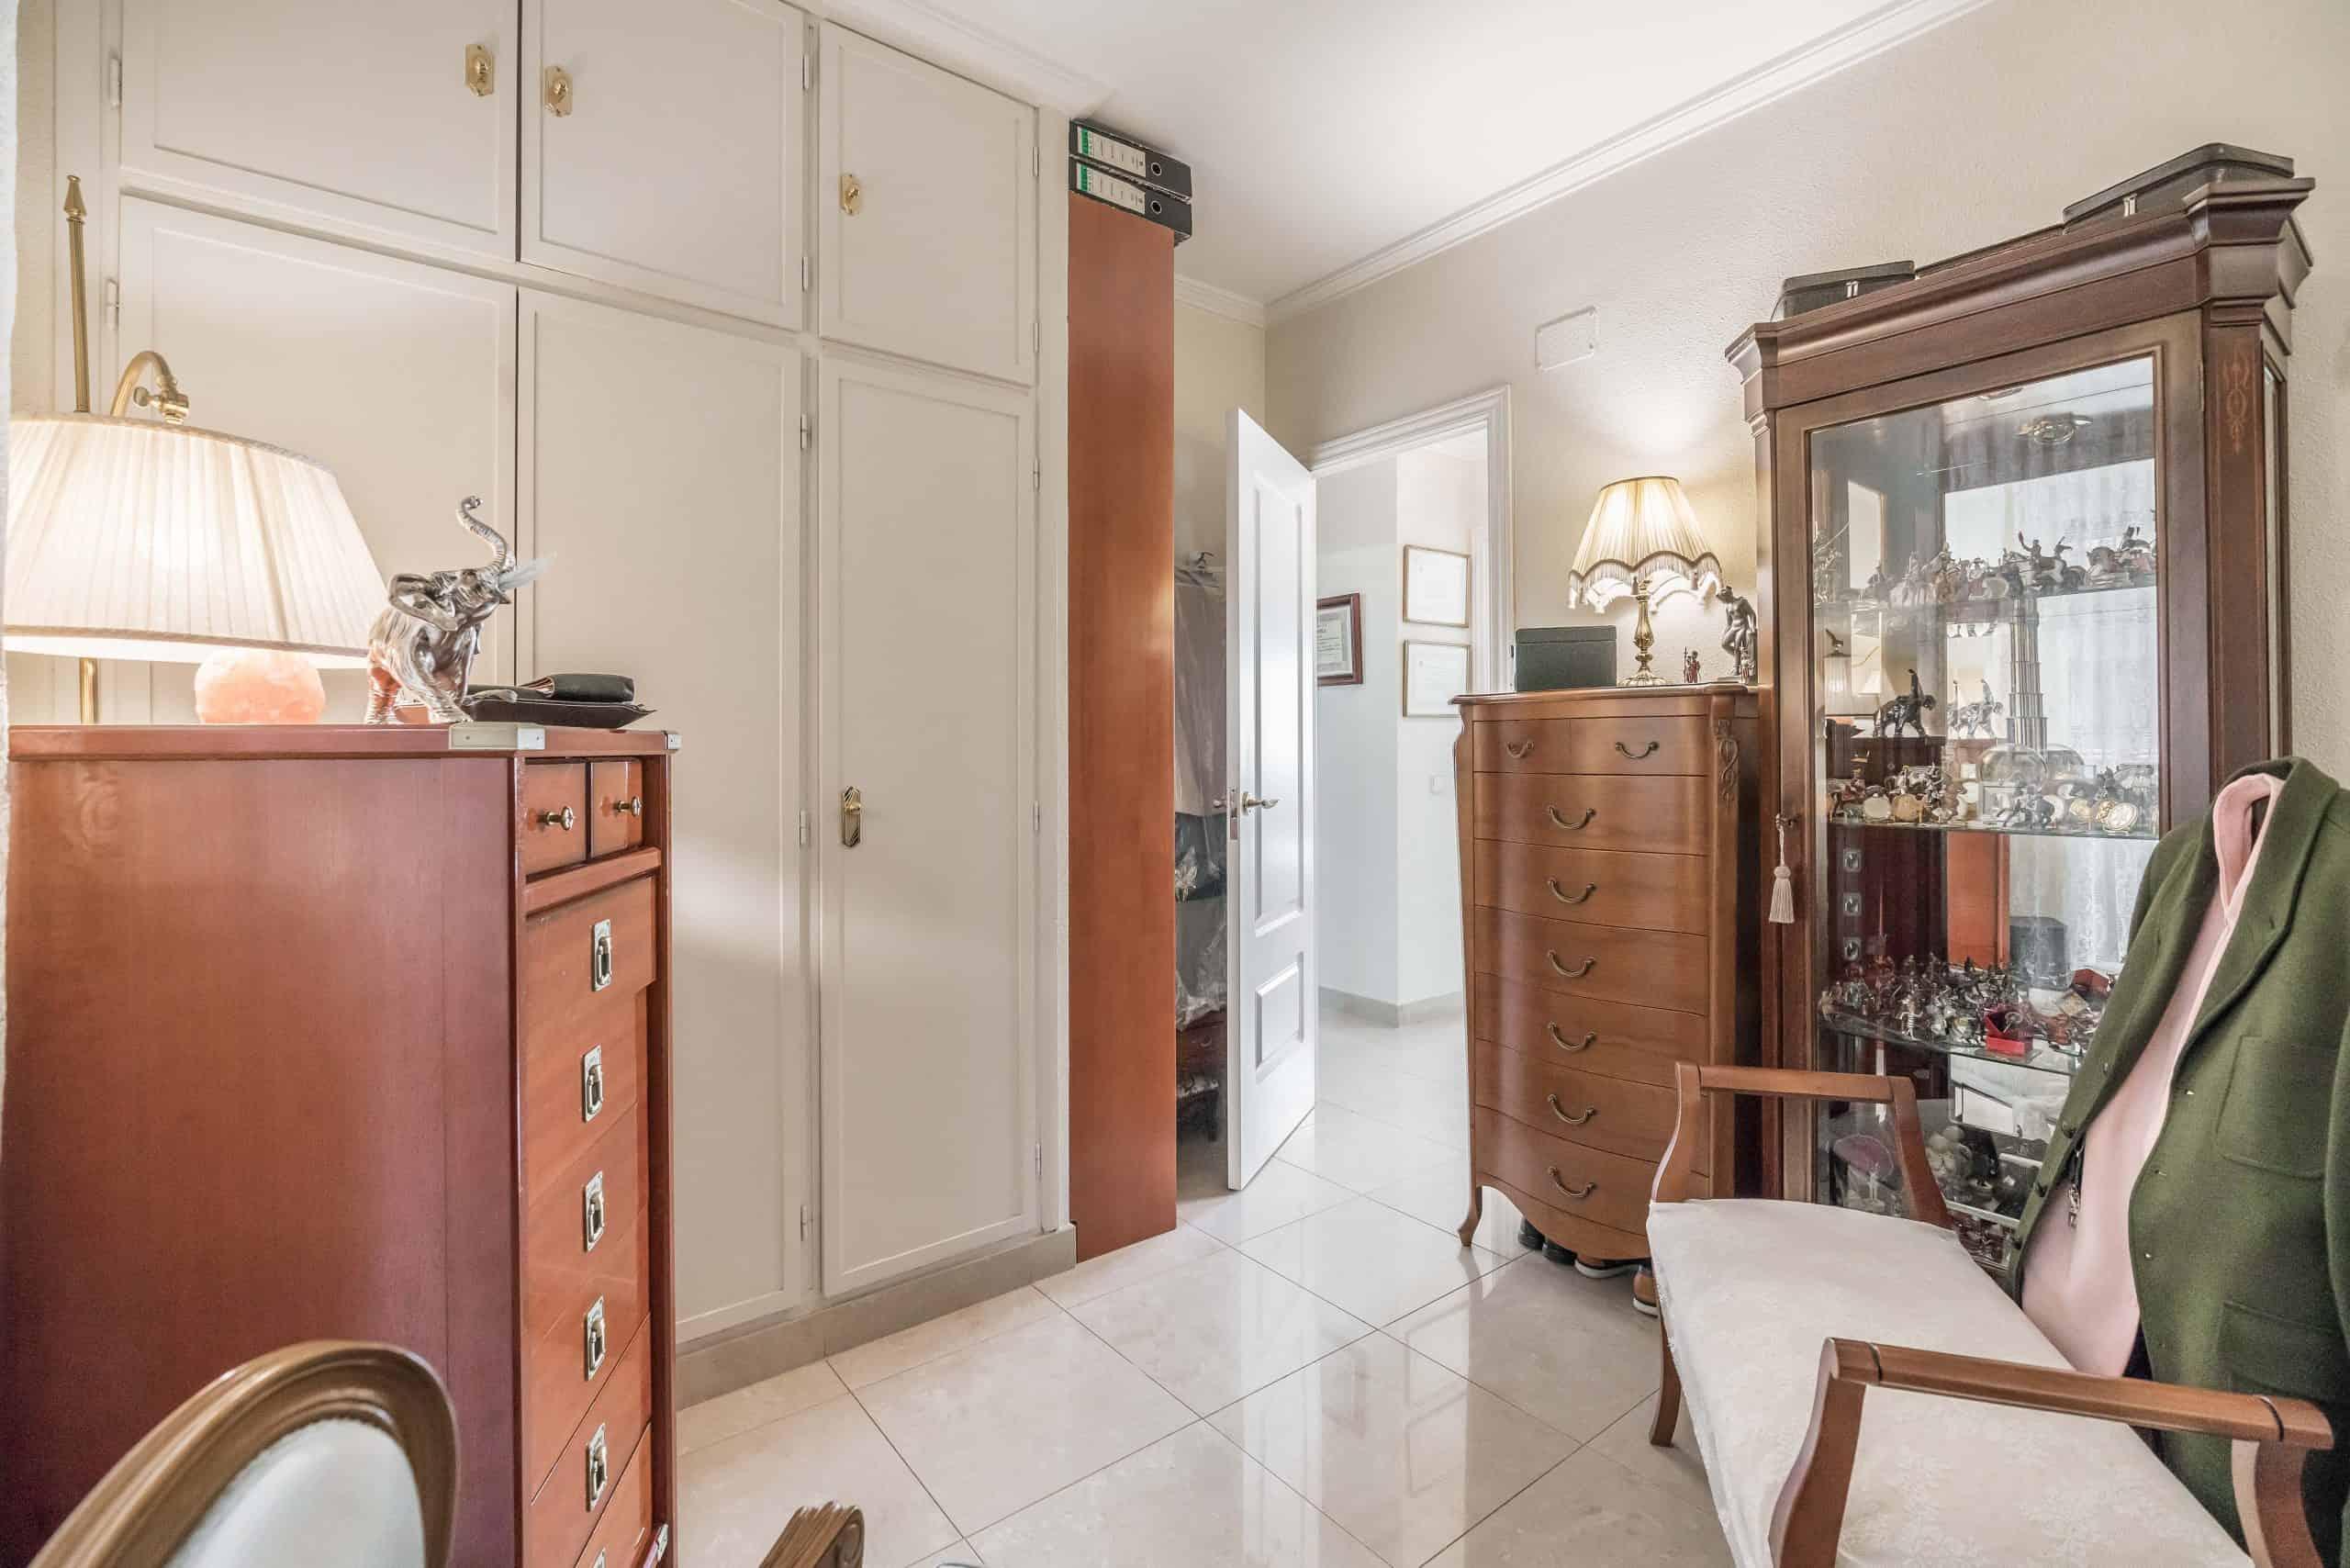 Agencia Inmobiliaria de Madrid-FUTUROCASA-Zona ARGANZUELA-EMBAJADORES-LEGAZPI -calle Santa María de la Cab6 DORMI - copia (5)